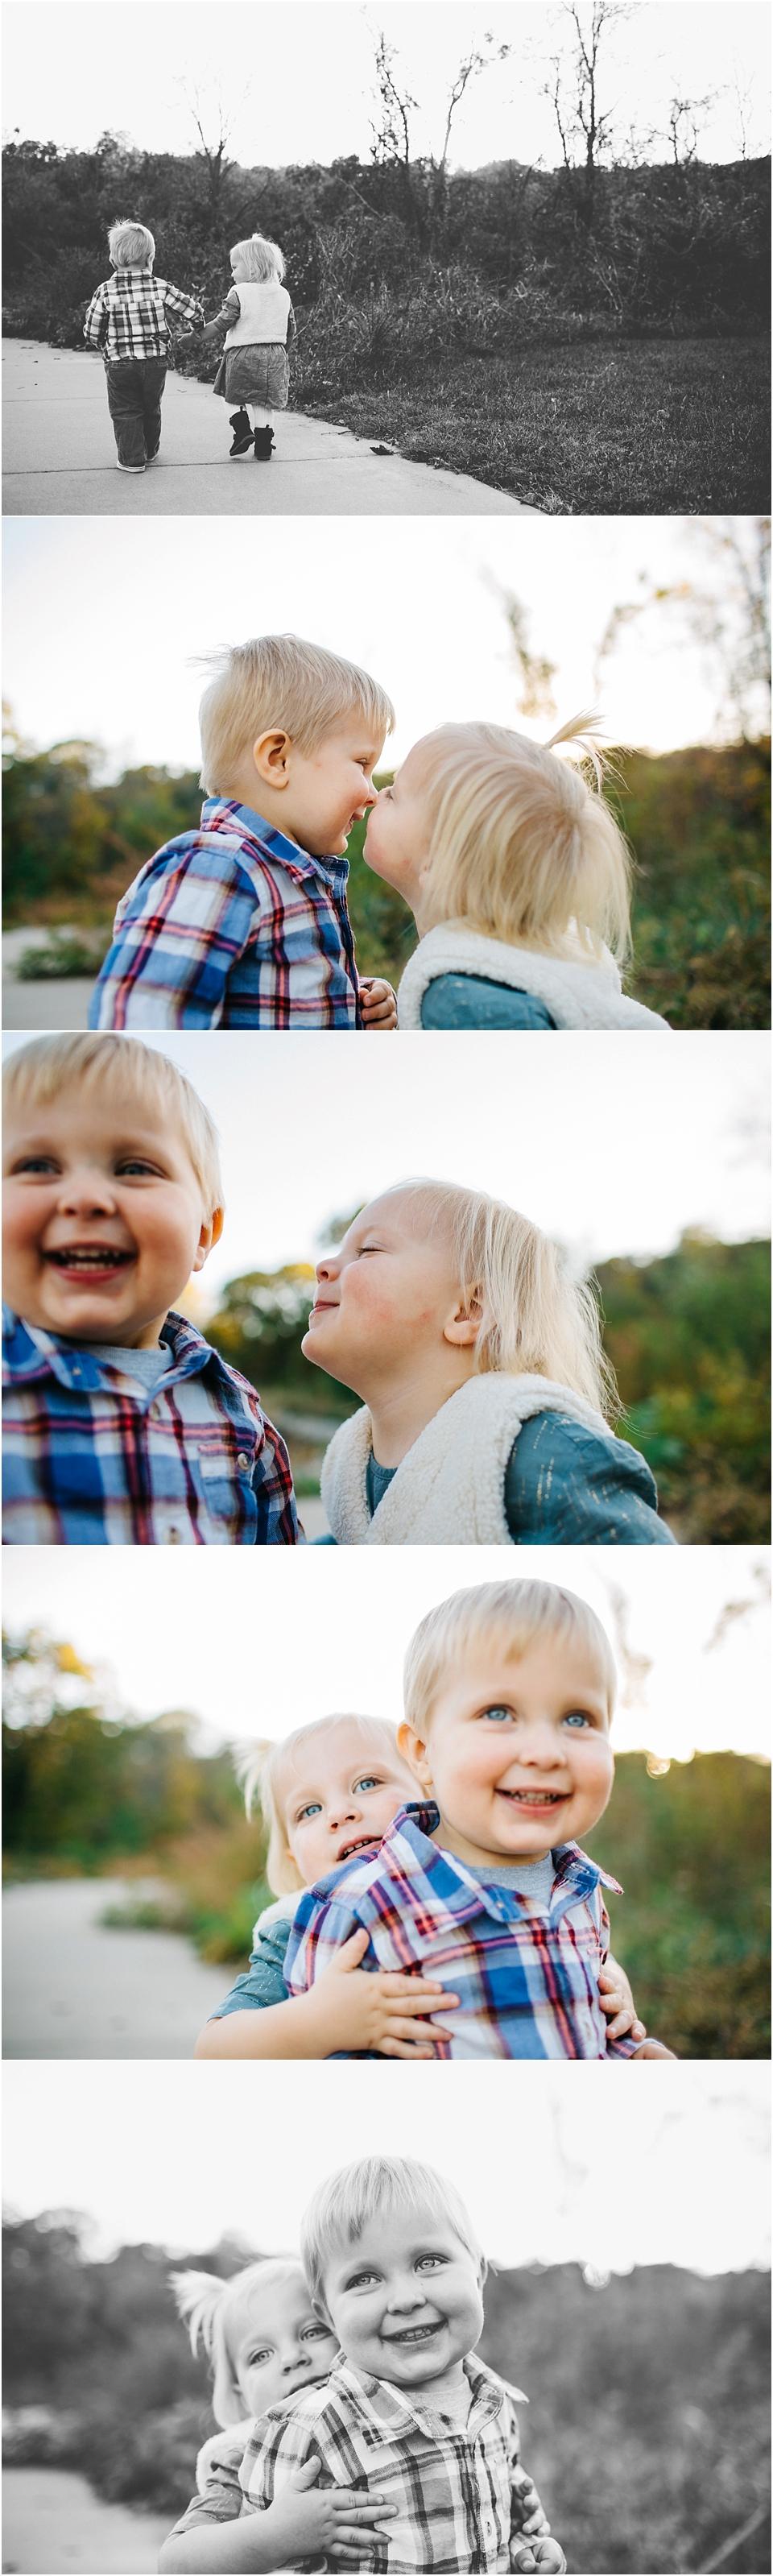 kansascitybestfamilyphotographer_0103